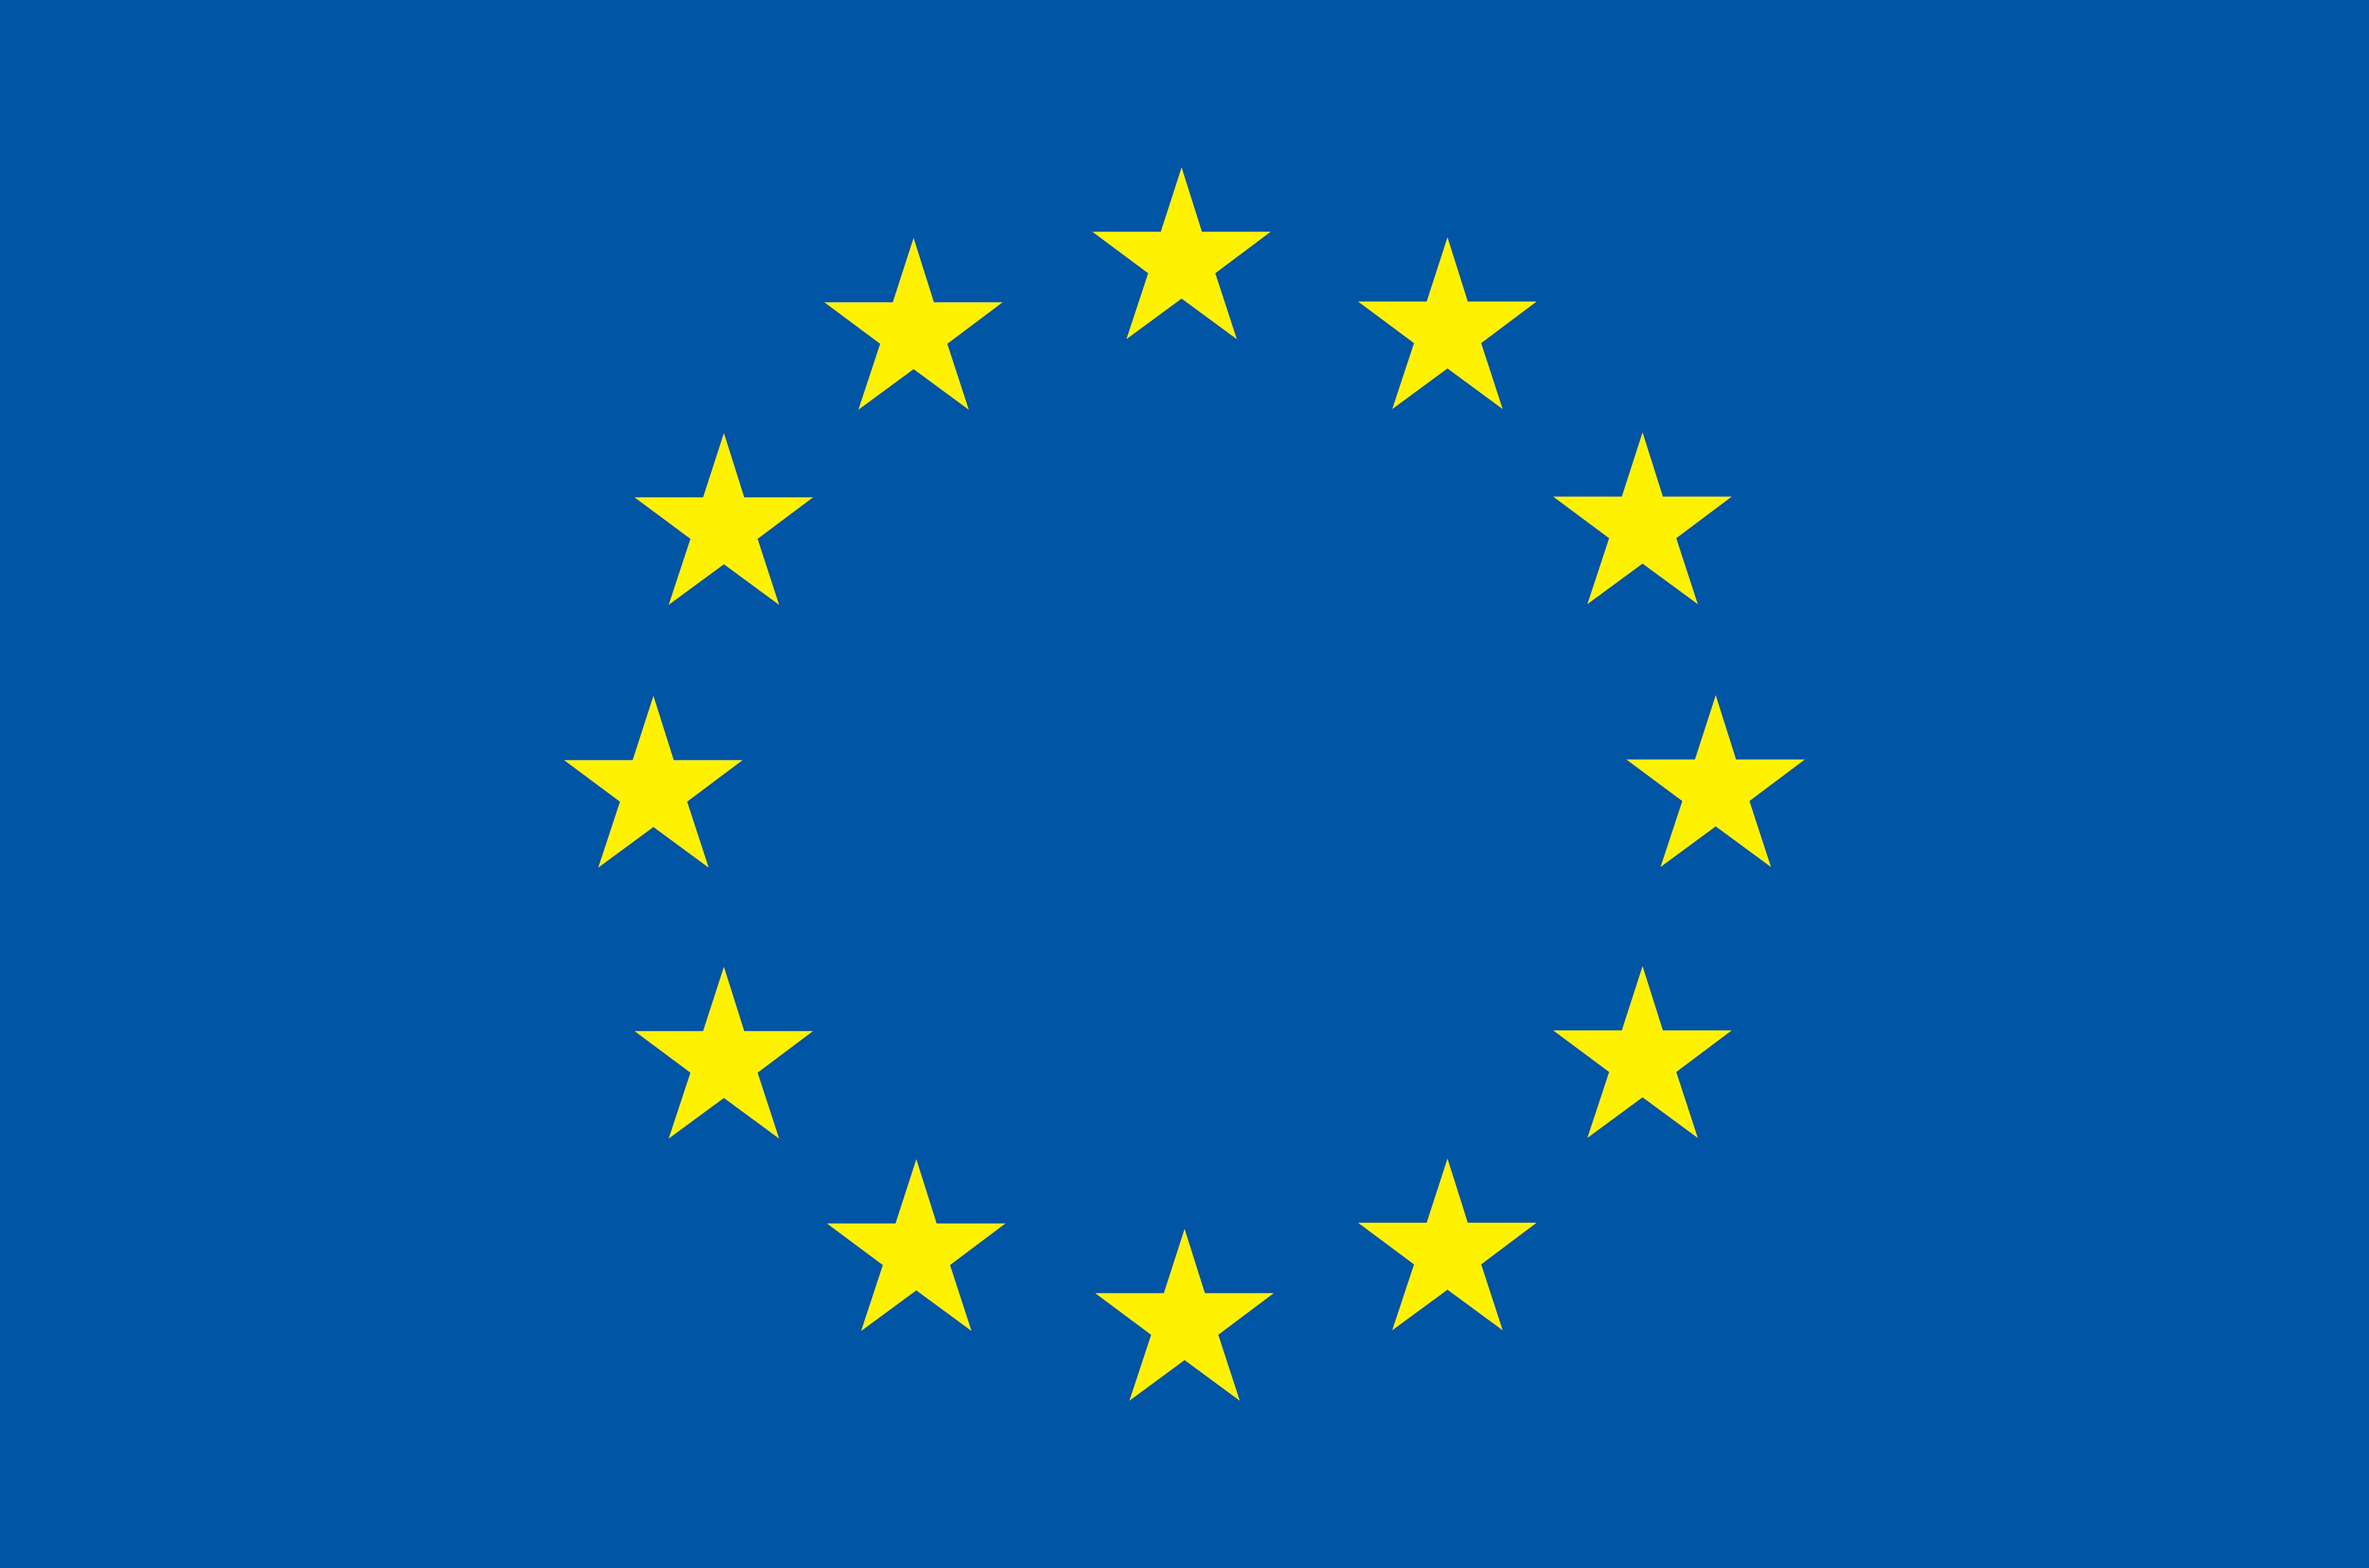 CDU wählt Europaliste – Junge Union setzt sich durch image